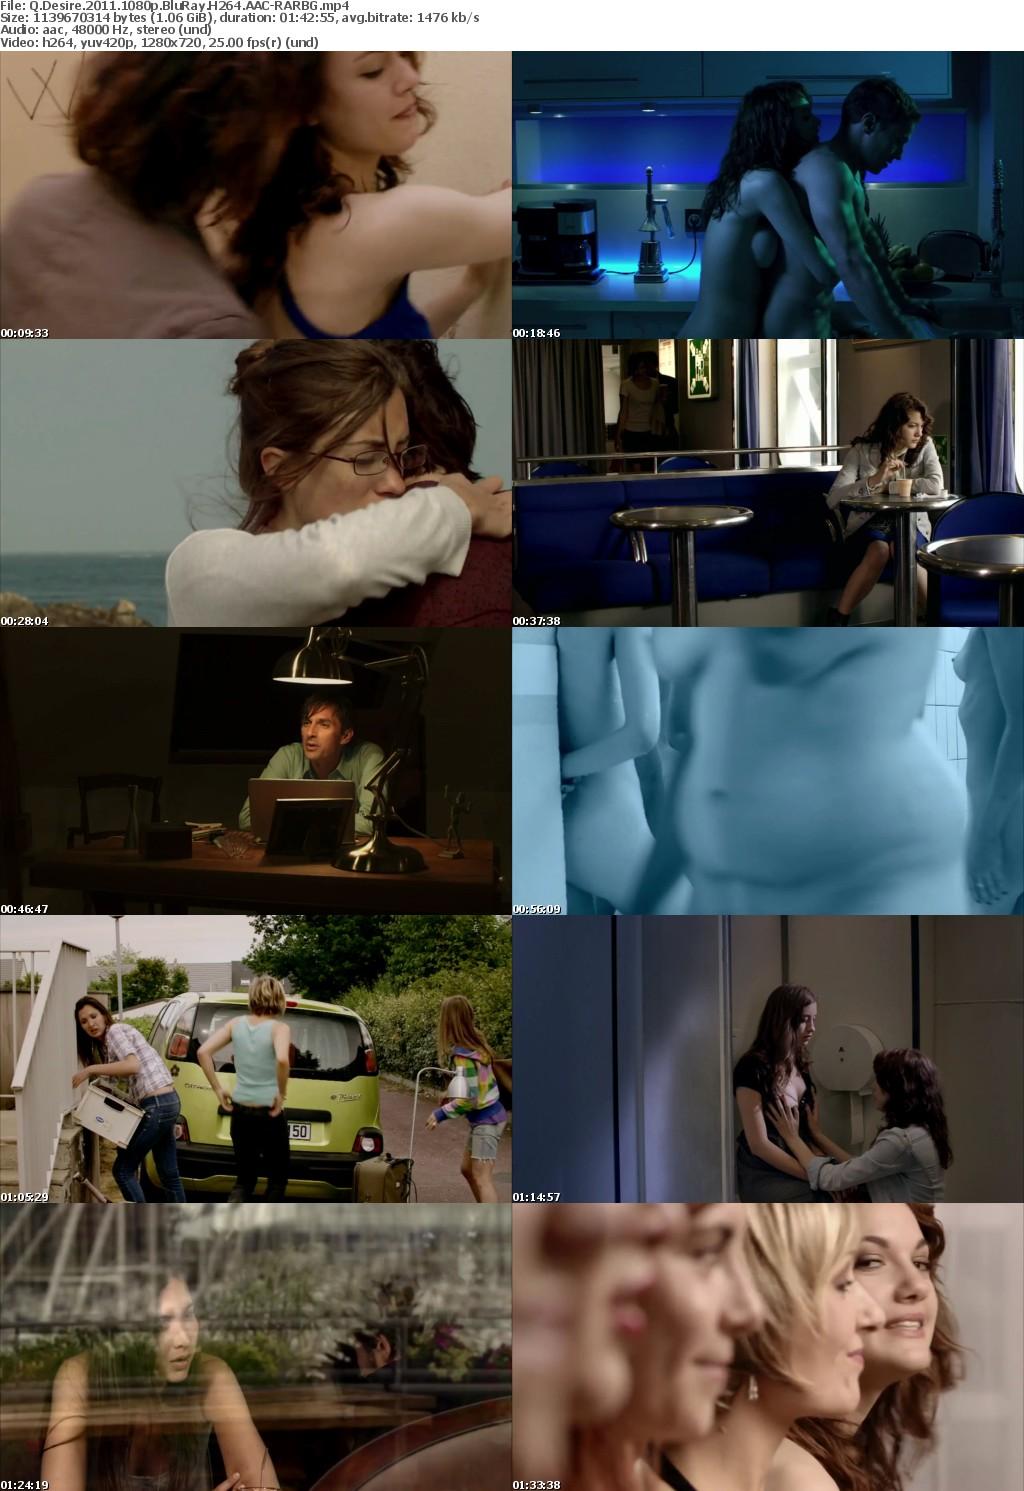 Q Desire 2011 1080p BluRay H264 AAC-RARBG mp4